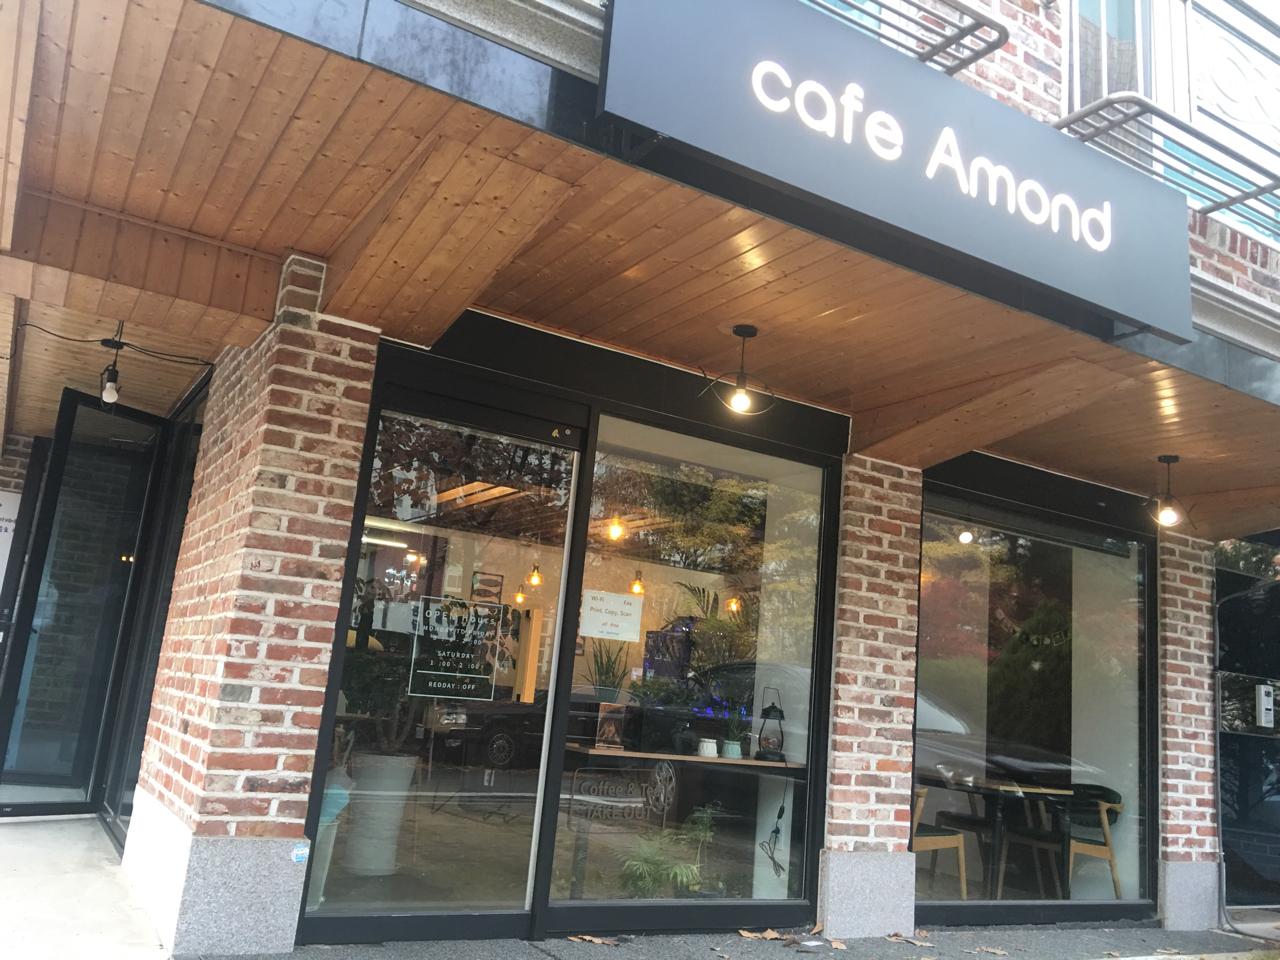 카페 아몬드(cafe Amond)